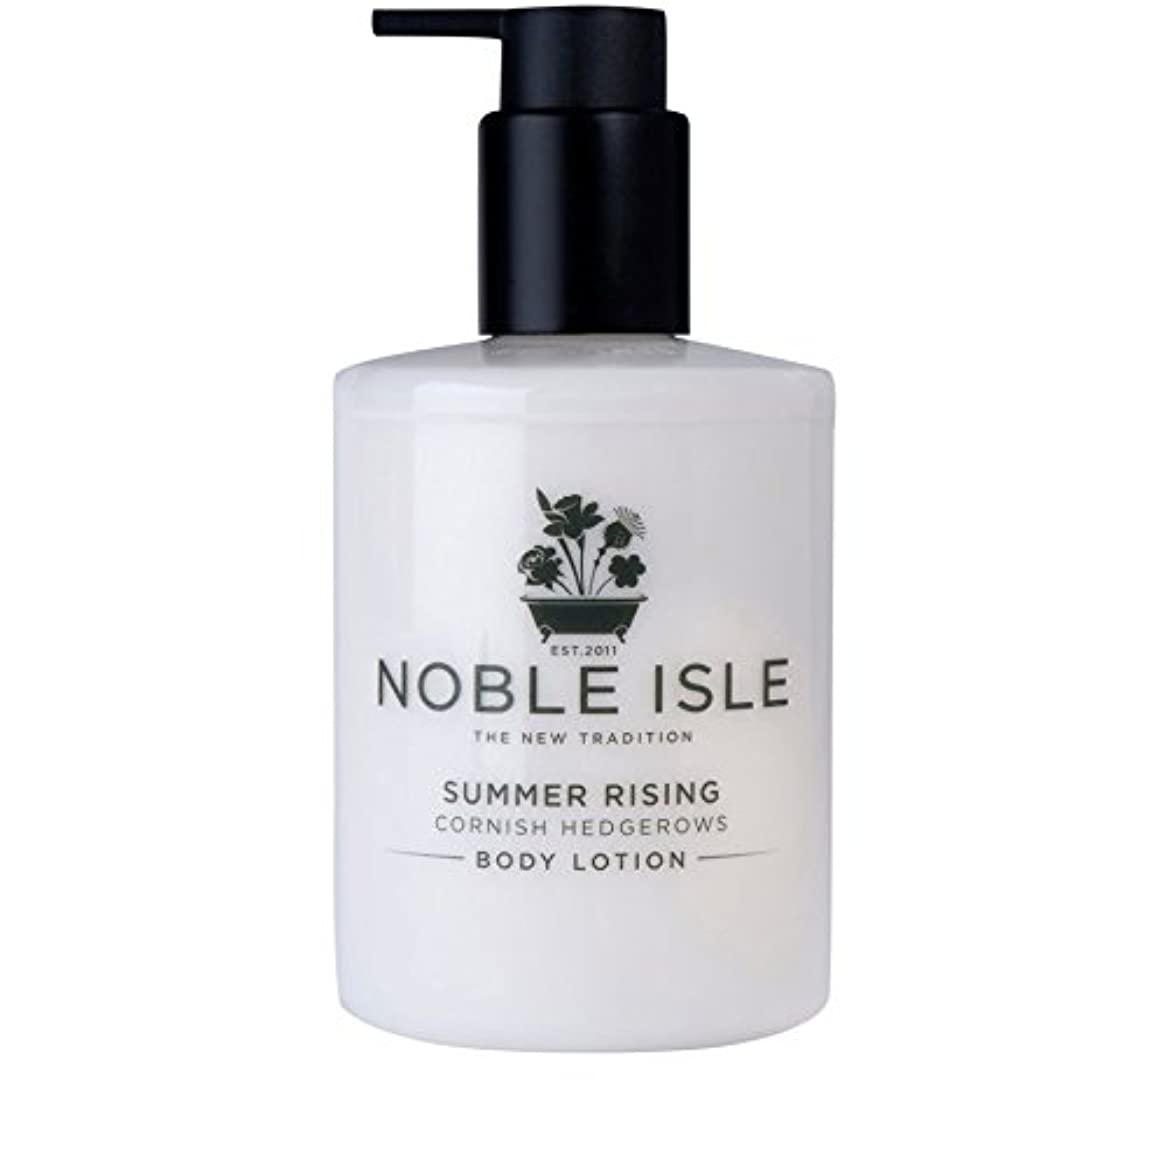 言語相互接続歯車Noble Isle Summer Rising Cornish Hedgerows Body Lotion 250ml - コーニッシュ生け垣ボディローション250ミリリットルを上昇高貴な島の夏 [並行輸入品]